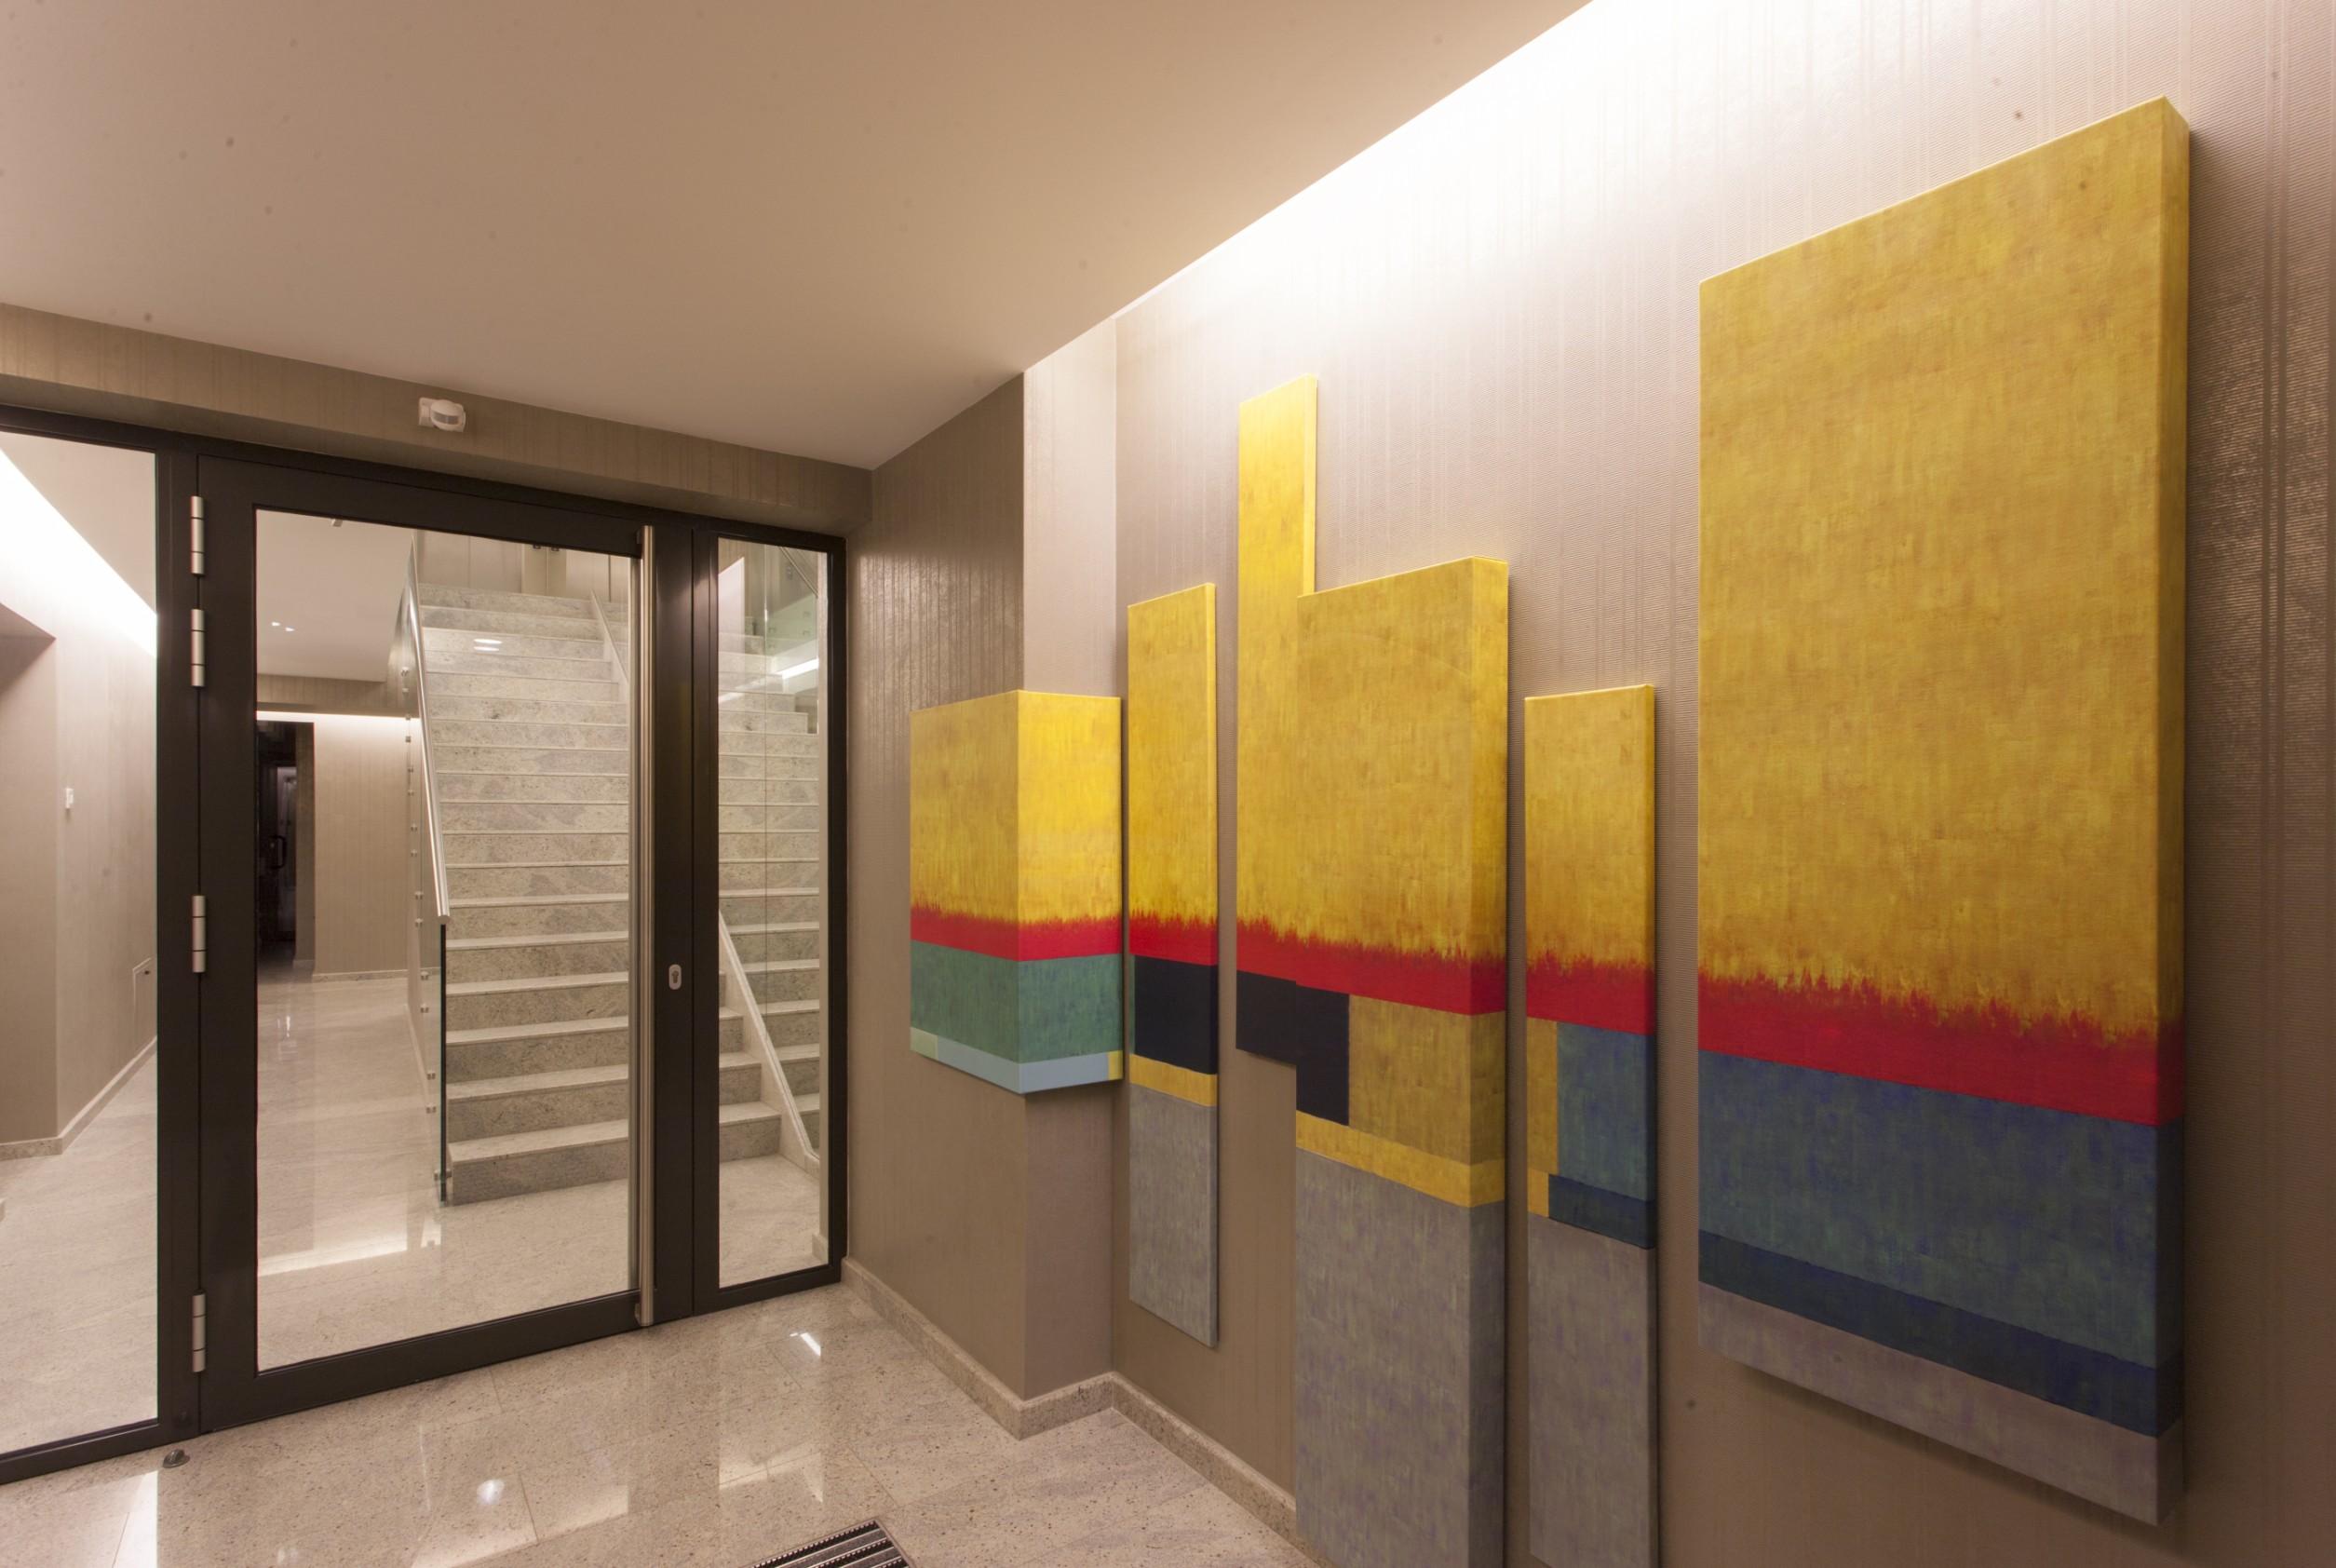 https://nbc-arhitect.ro/wp-content/uploads/2020/11/NBC-Arhitect-_-interior-design-_-Petofi-Sandor-_-Romania_124.jpg